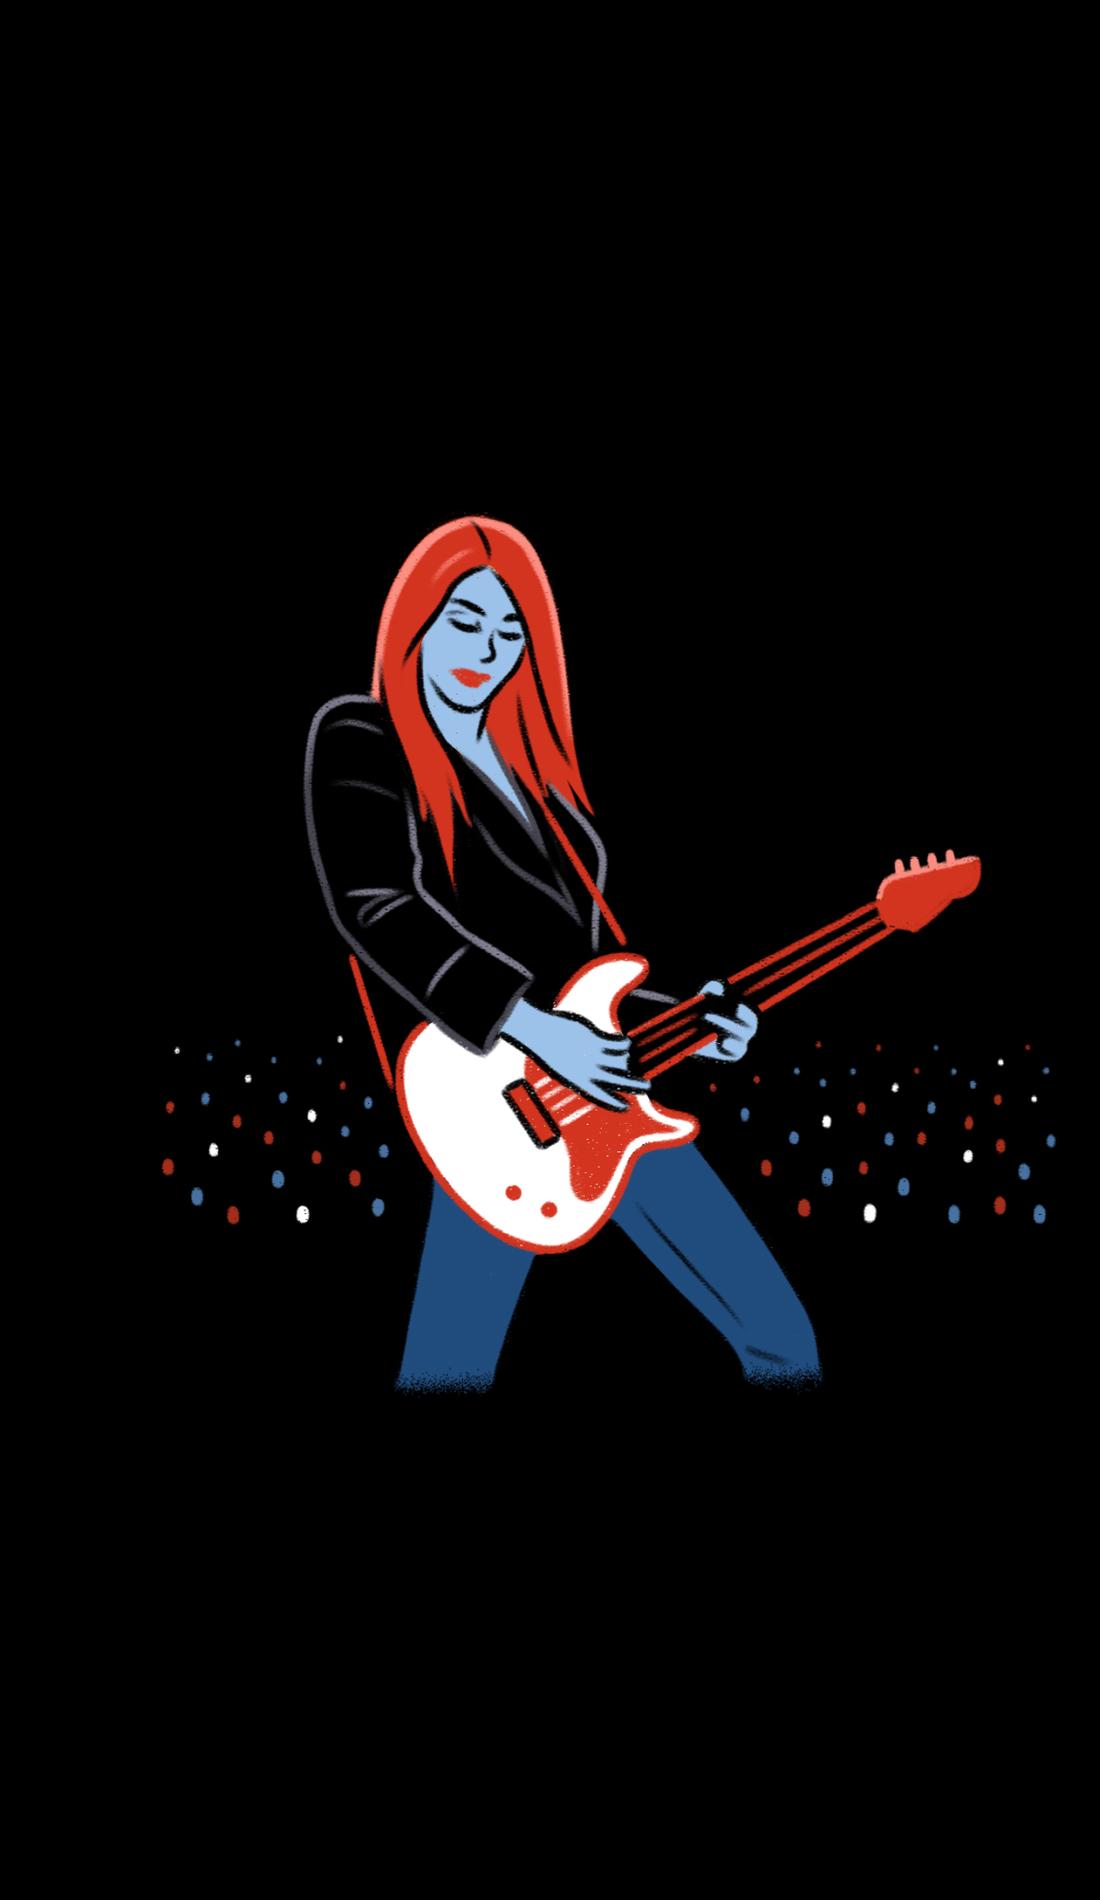 A Blink 180-Deux (Blink 182 Tribute) live event